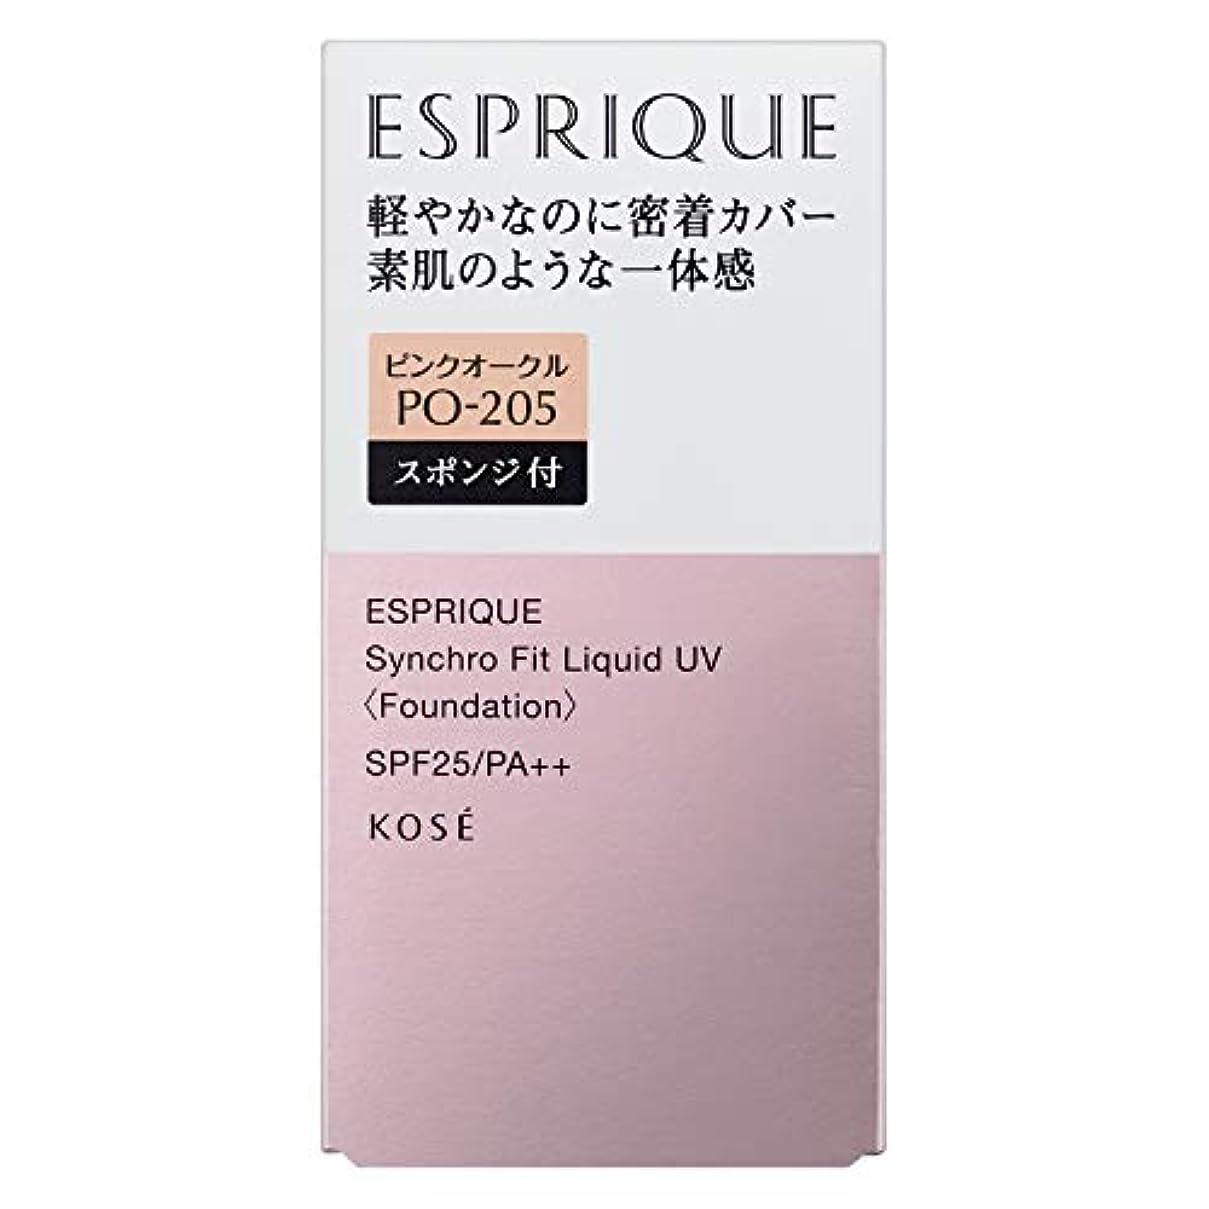 水陸両用減らす道徳ESPRIQUE(エスプリーク) エスプリーク シンクロフィット リキッド UV ファンデーション 無香料 PO-205 ピンクオークル 30g